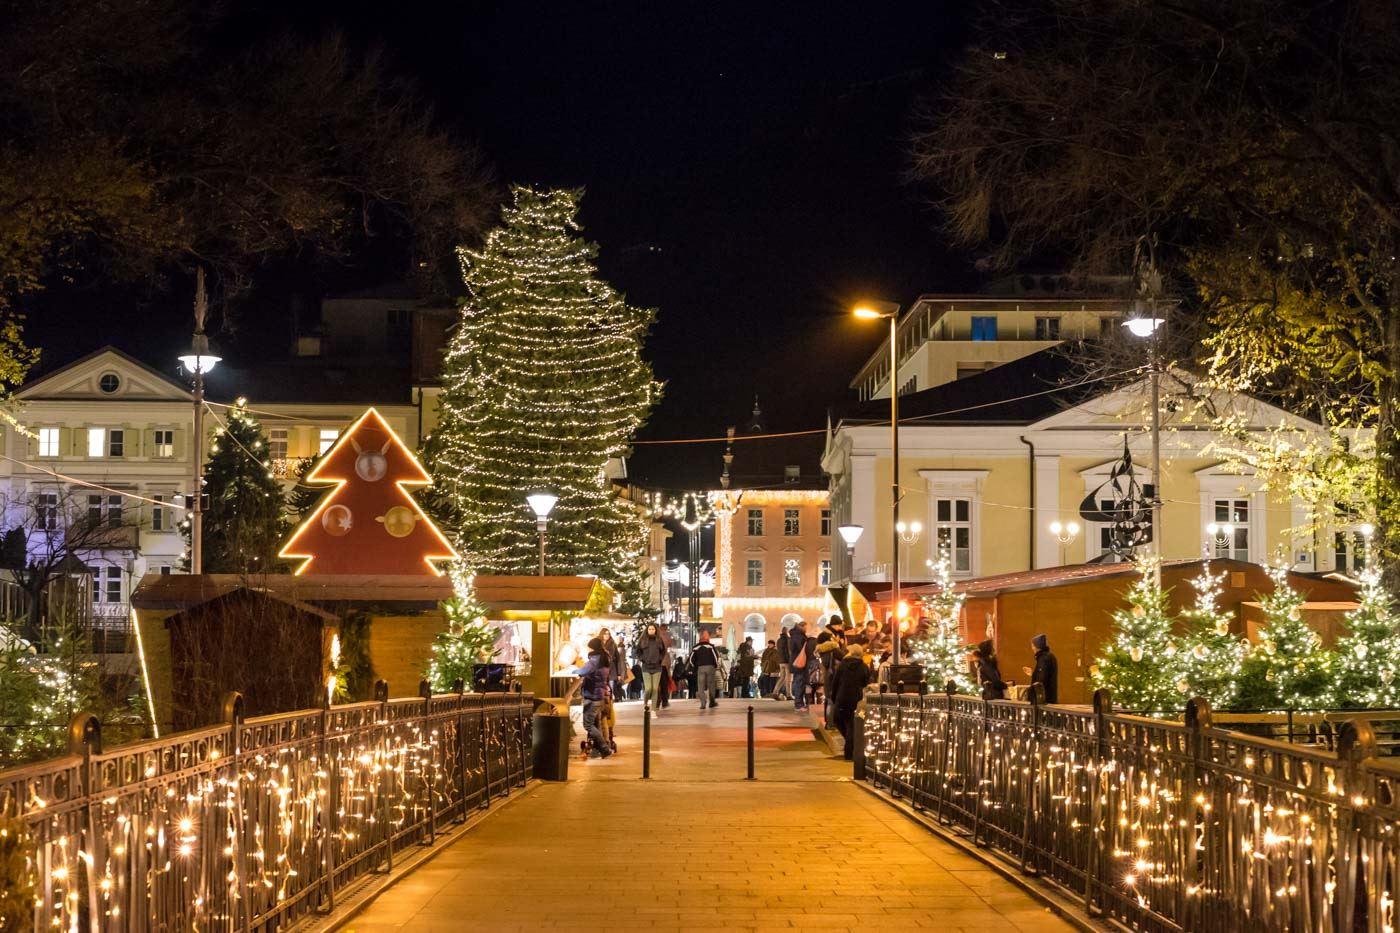 Mercatini Di Natale A Merano Foto.Mercatini Di Natale Merano E Castello Rametz